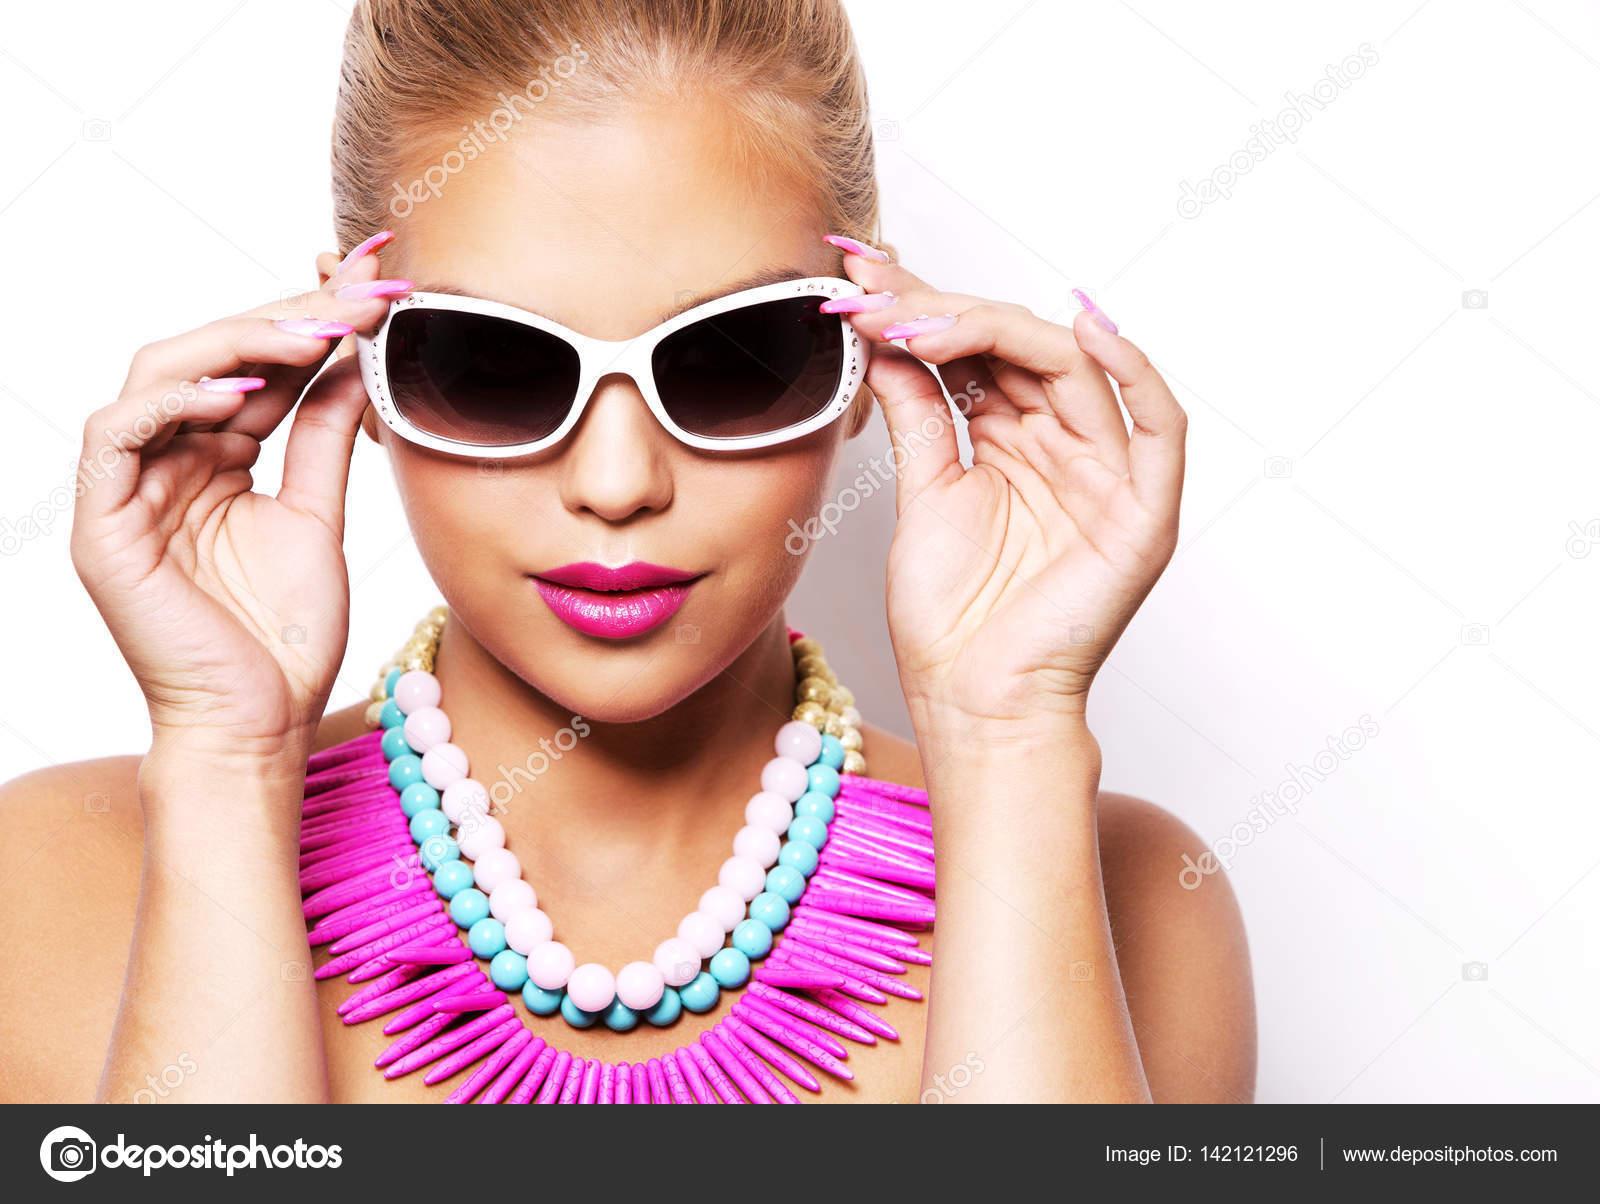 divat tavaszi nyári szőke nő tökéletes bőr — Stock Fotó © zdenkam ... b61c91f8cc